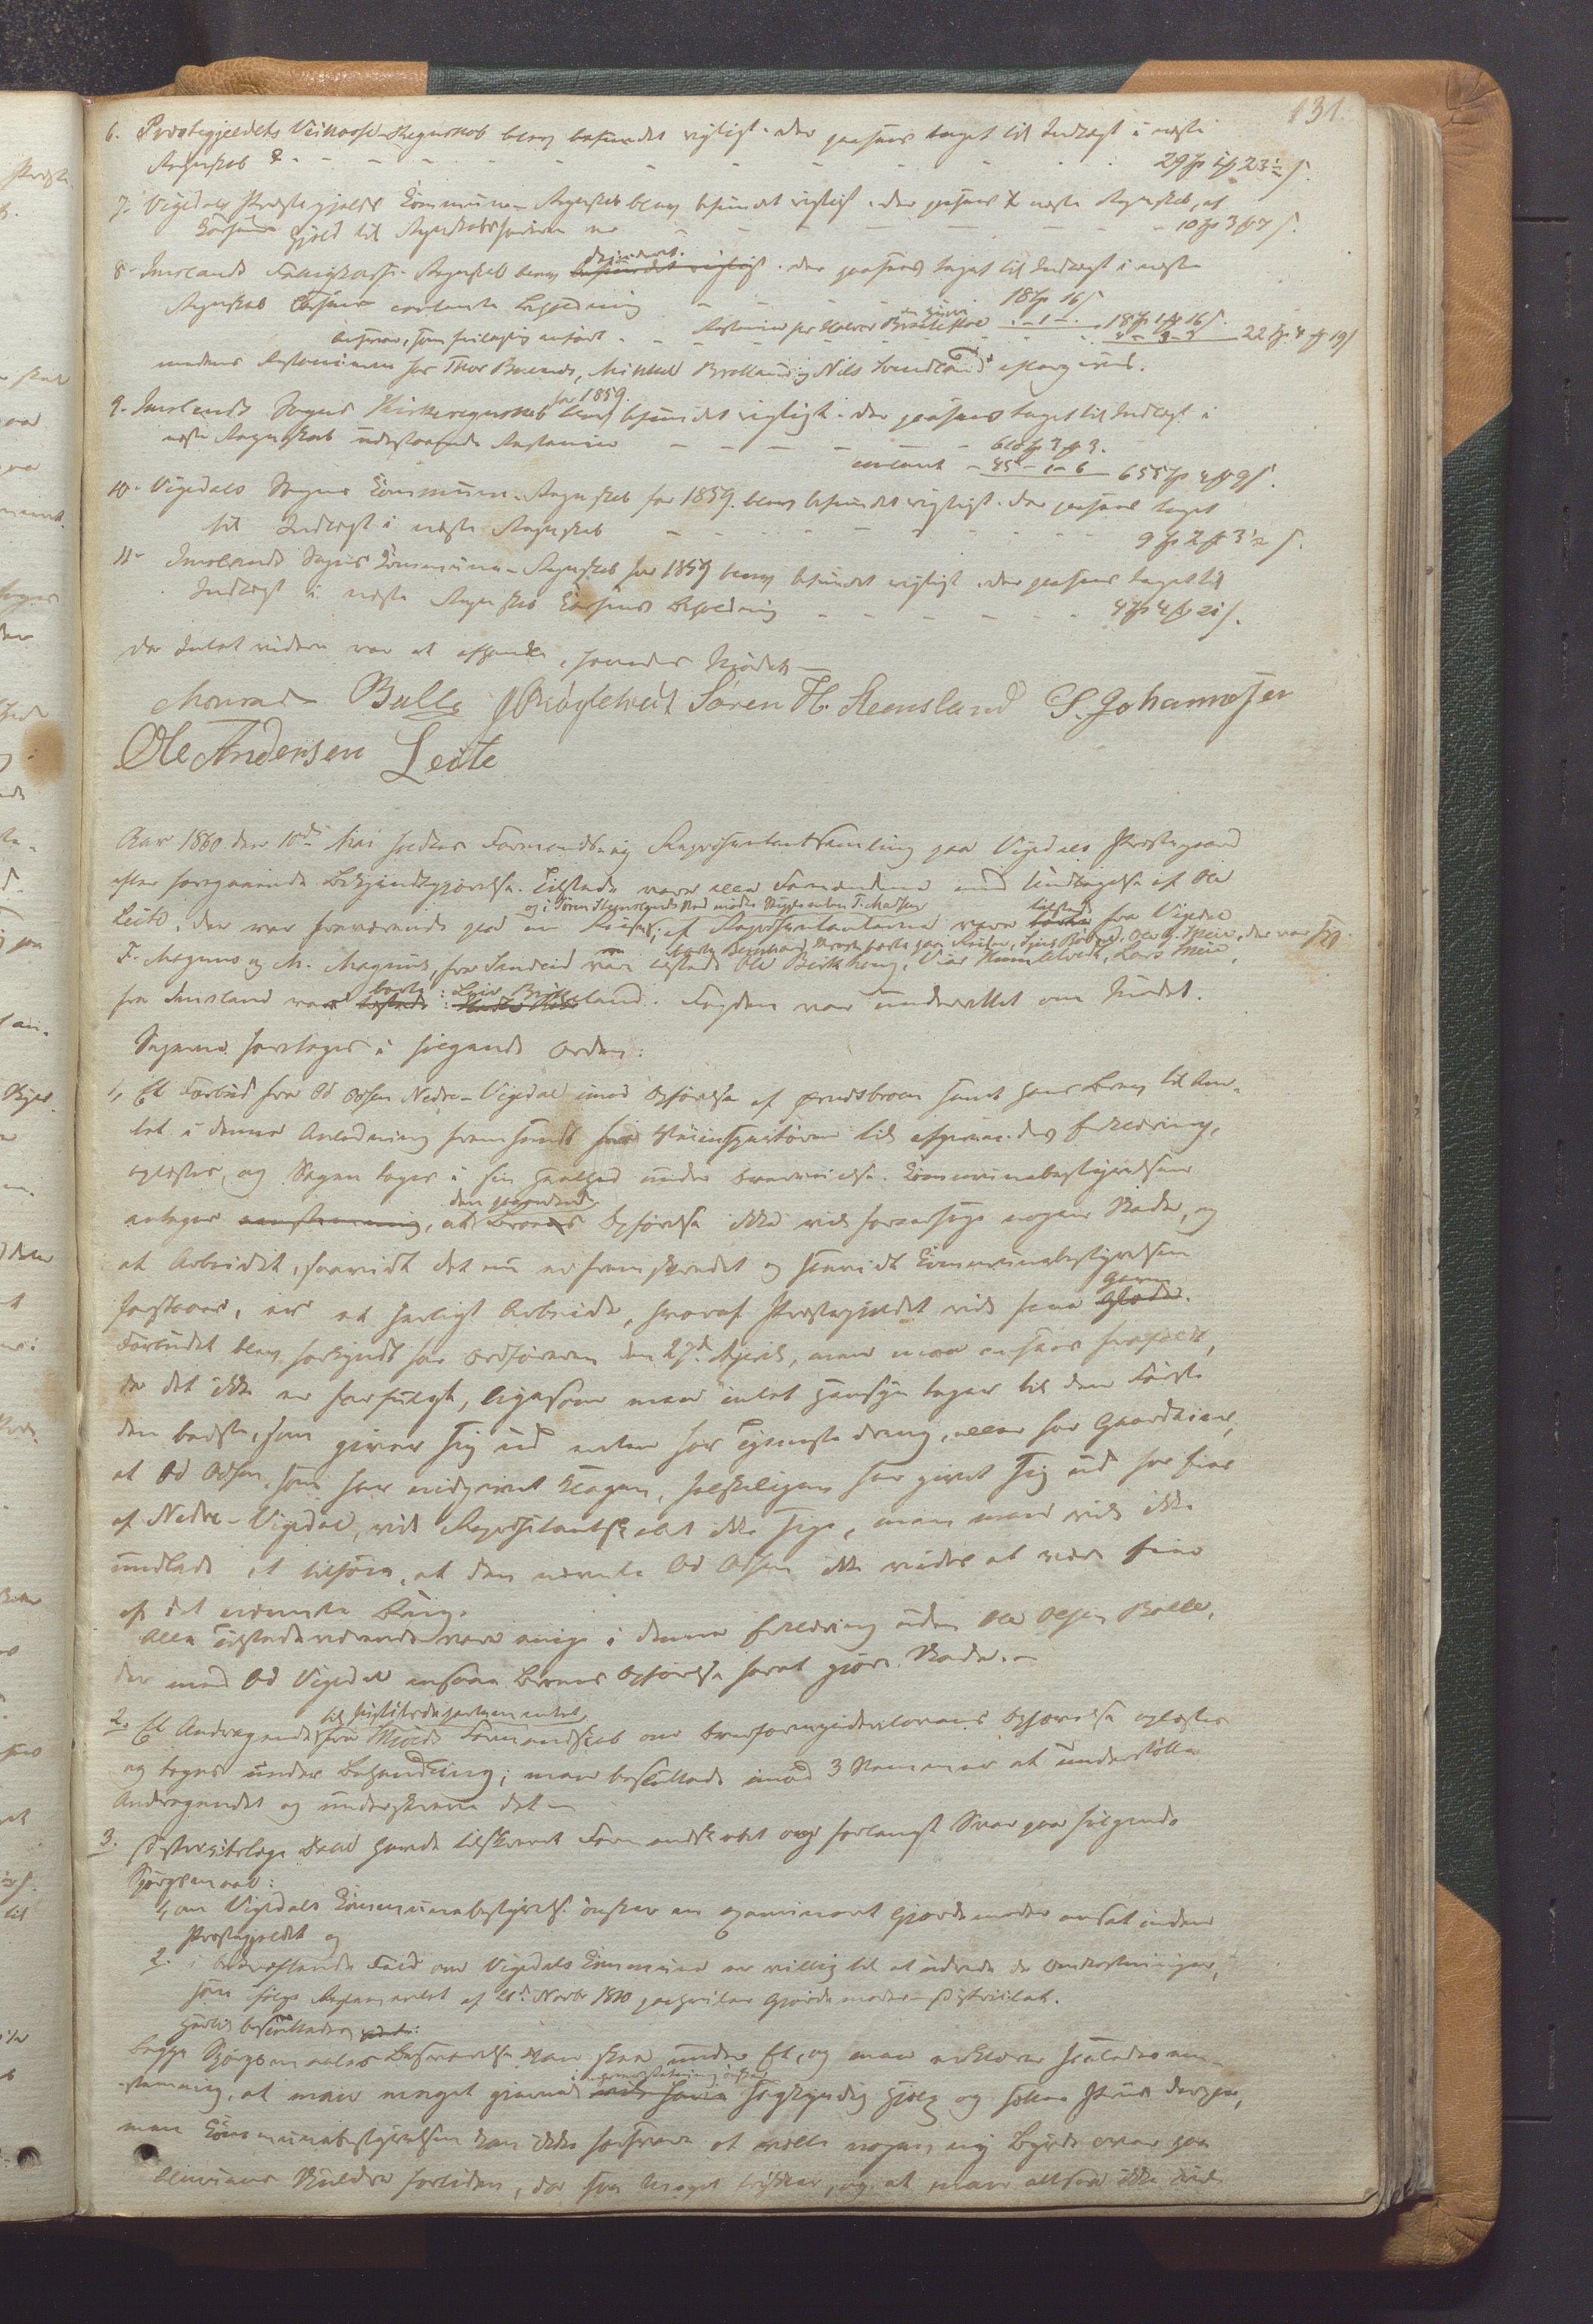 IKAR, Vikedal kommune - Formannskapet, Aaa/L0001: Møtebok, 1837-1874, p. 131a